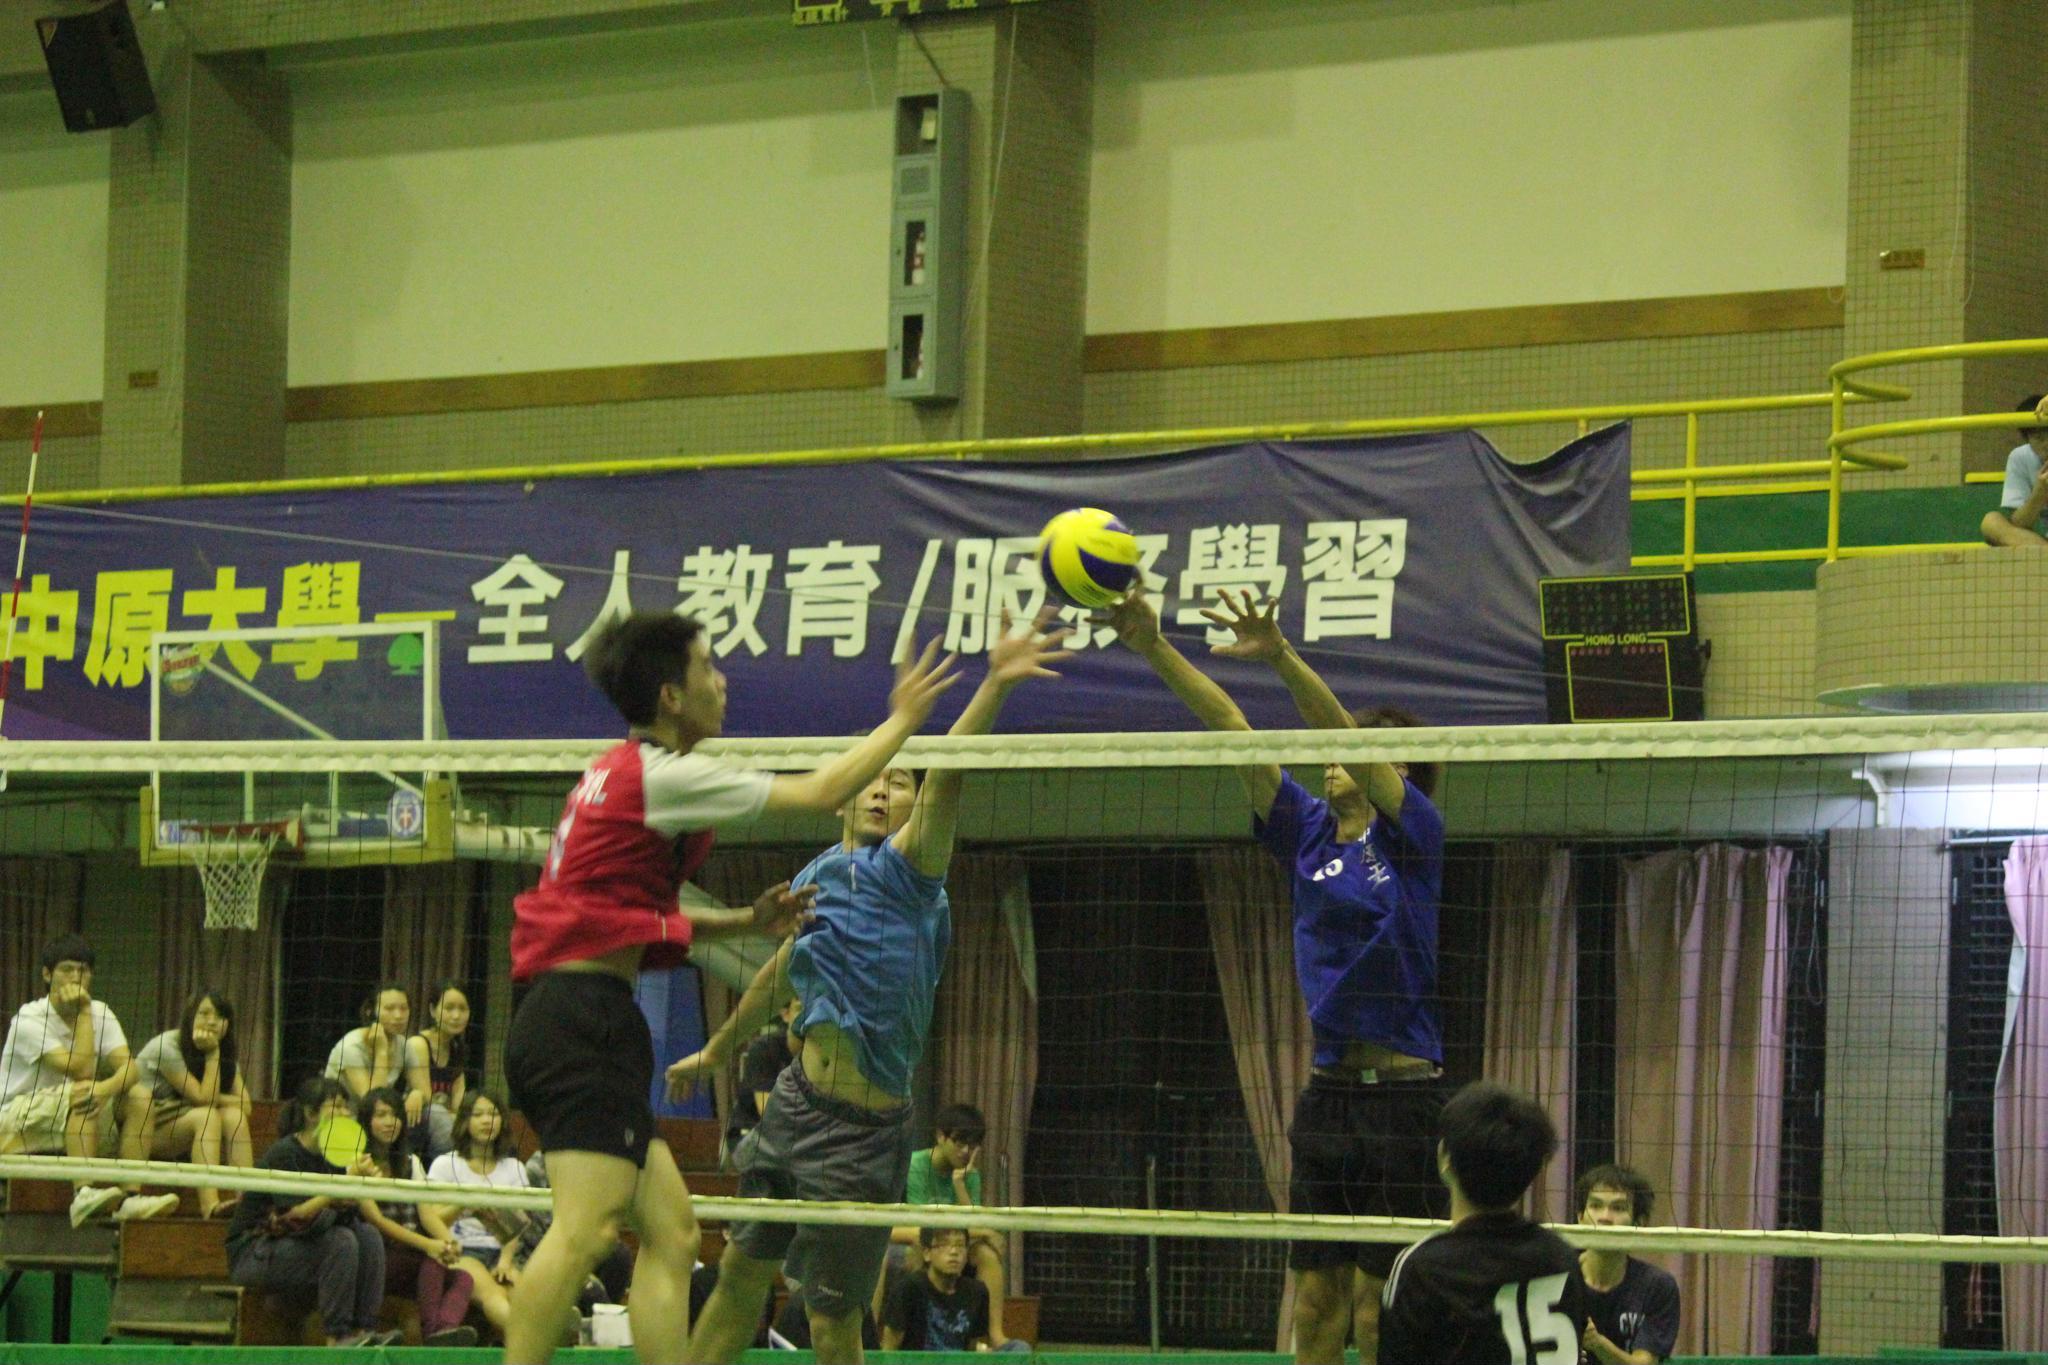 中原全人盃排球明星賽 排球高手拼球技